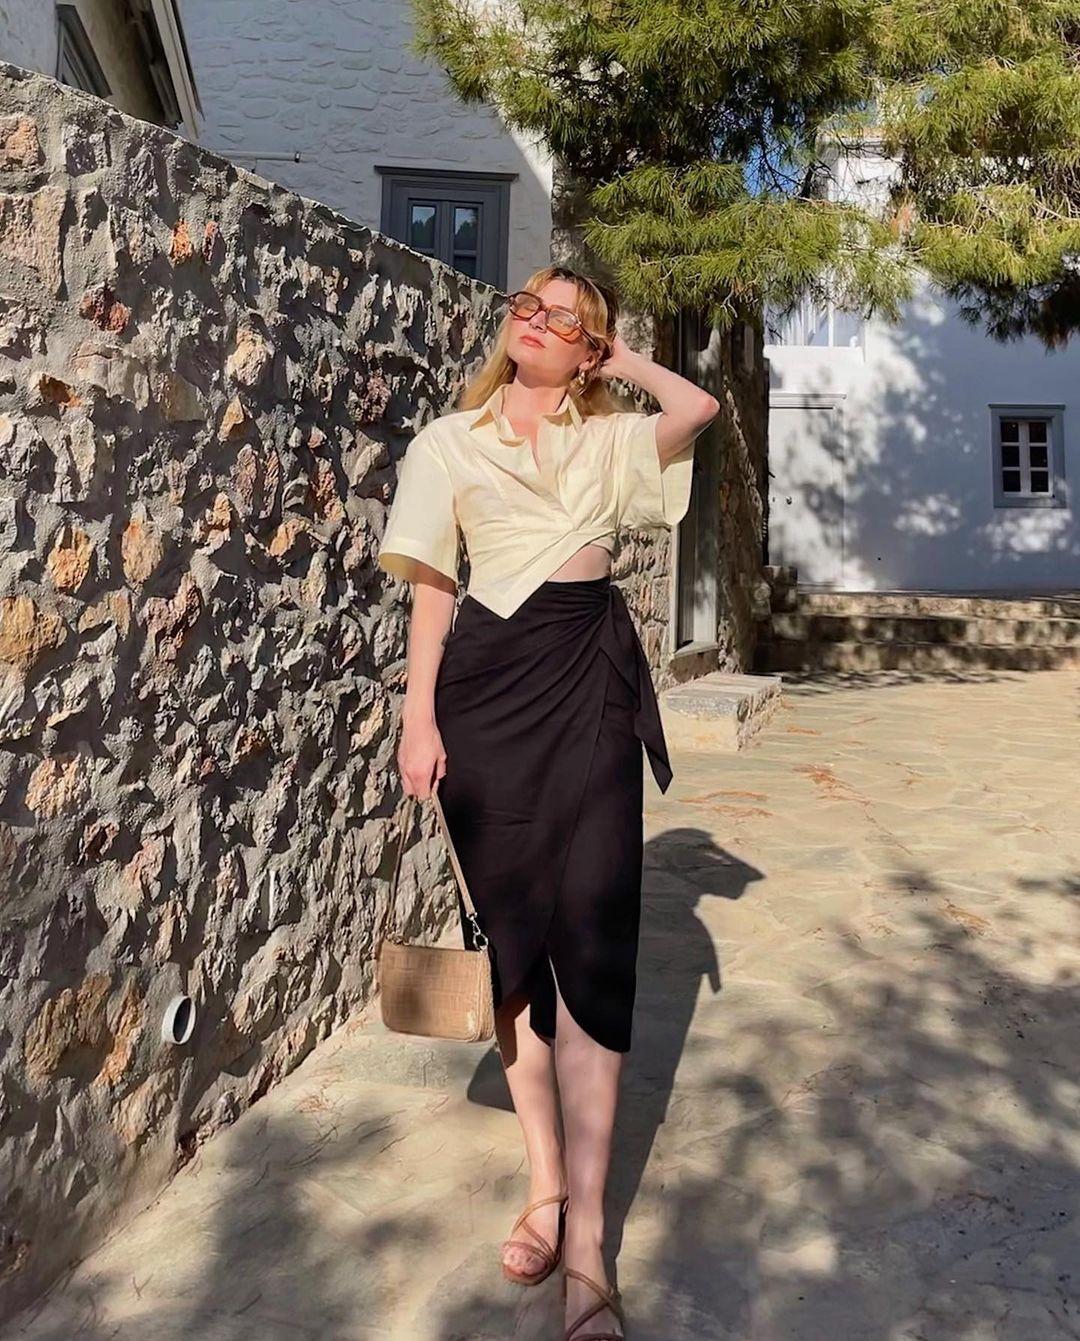 Khác với gái Hàn, phụ nữ Pháp diện chân váy dài trông nổi bật hơn hẳn nhưng vẫn sang ngút ngàn - Ảnh 2.